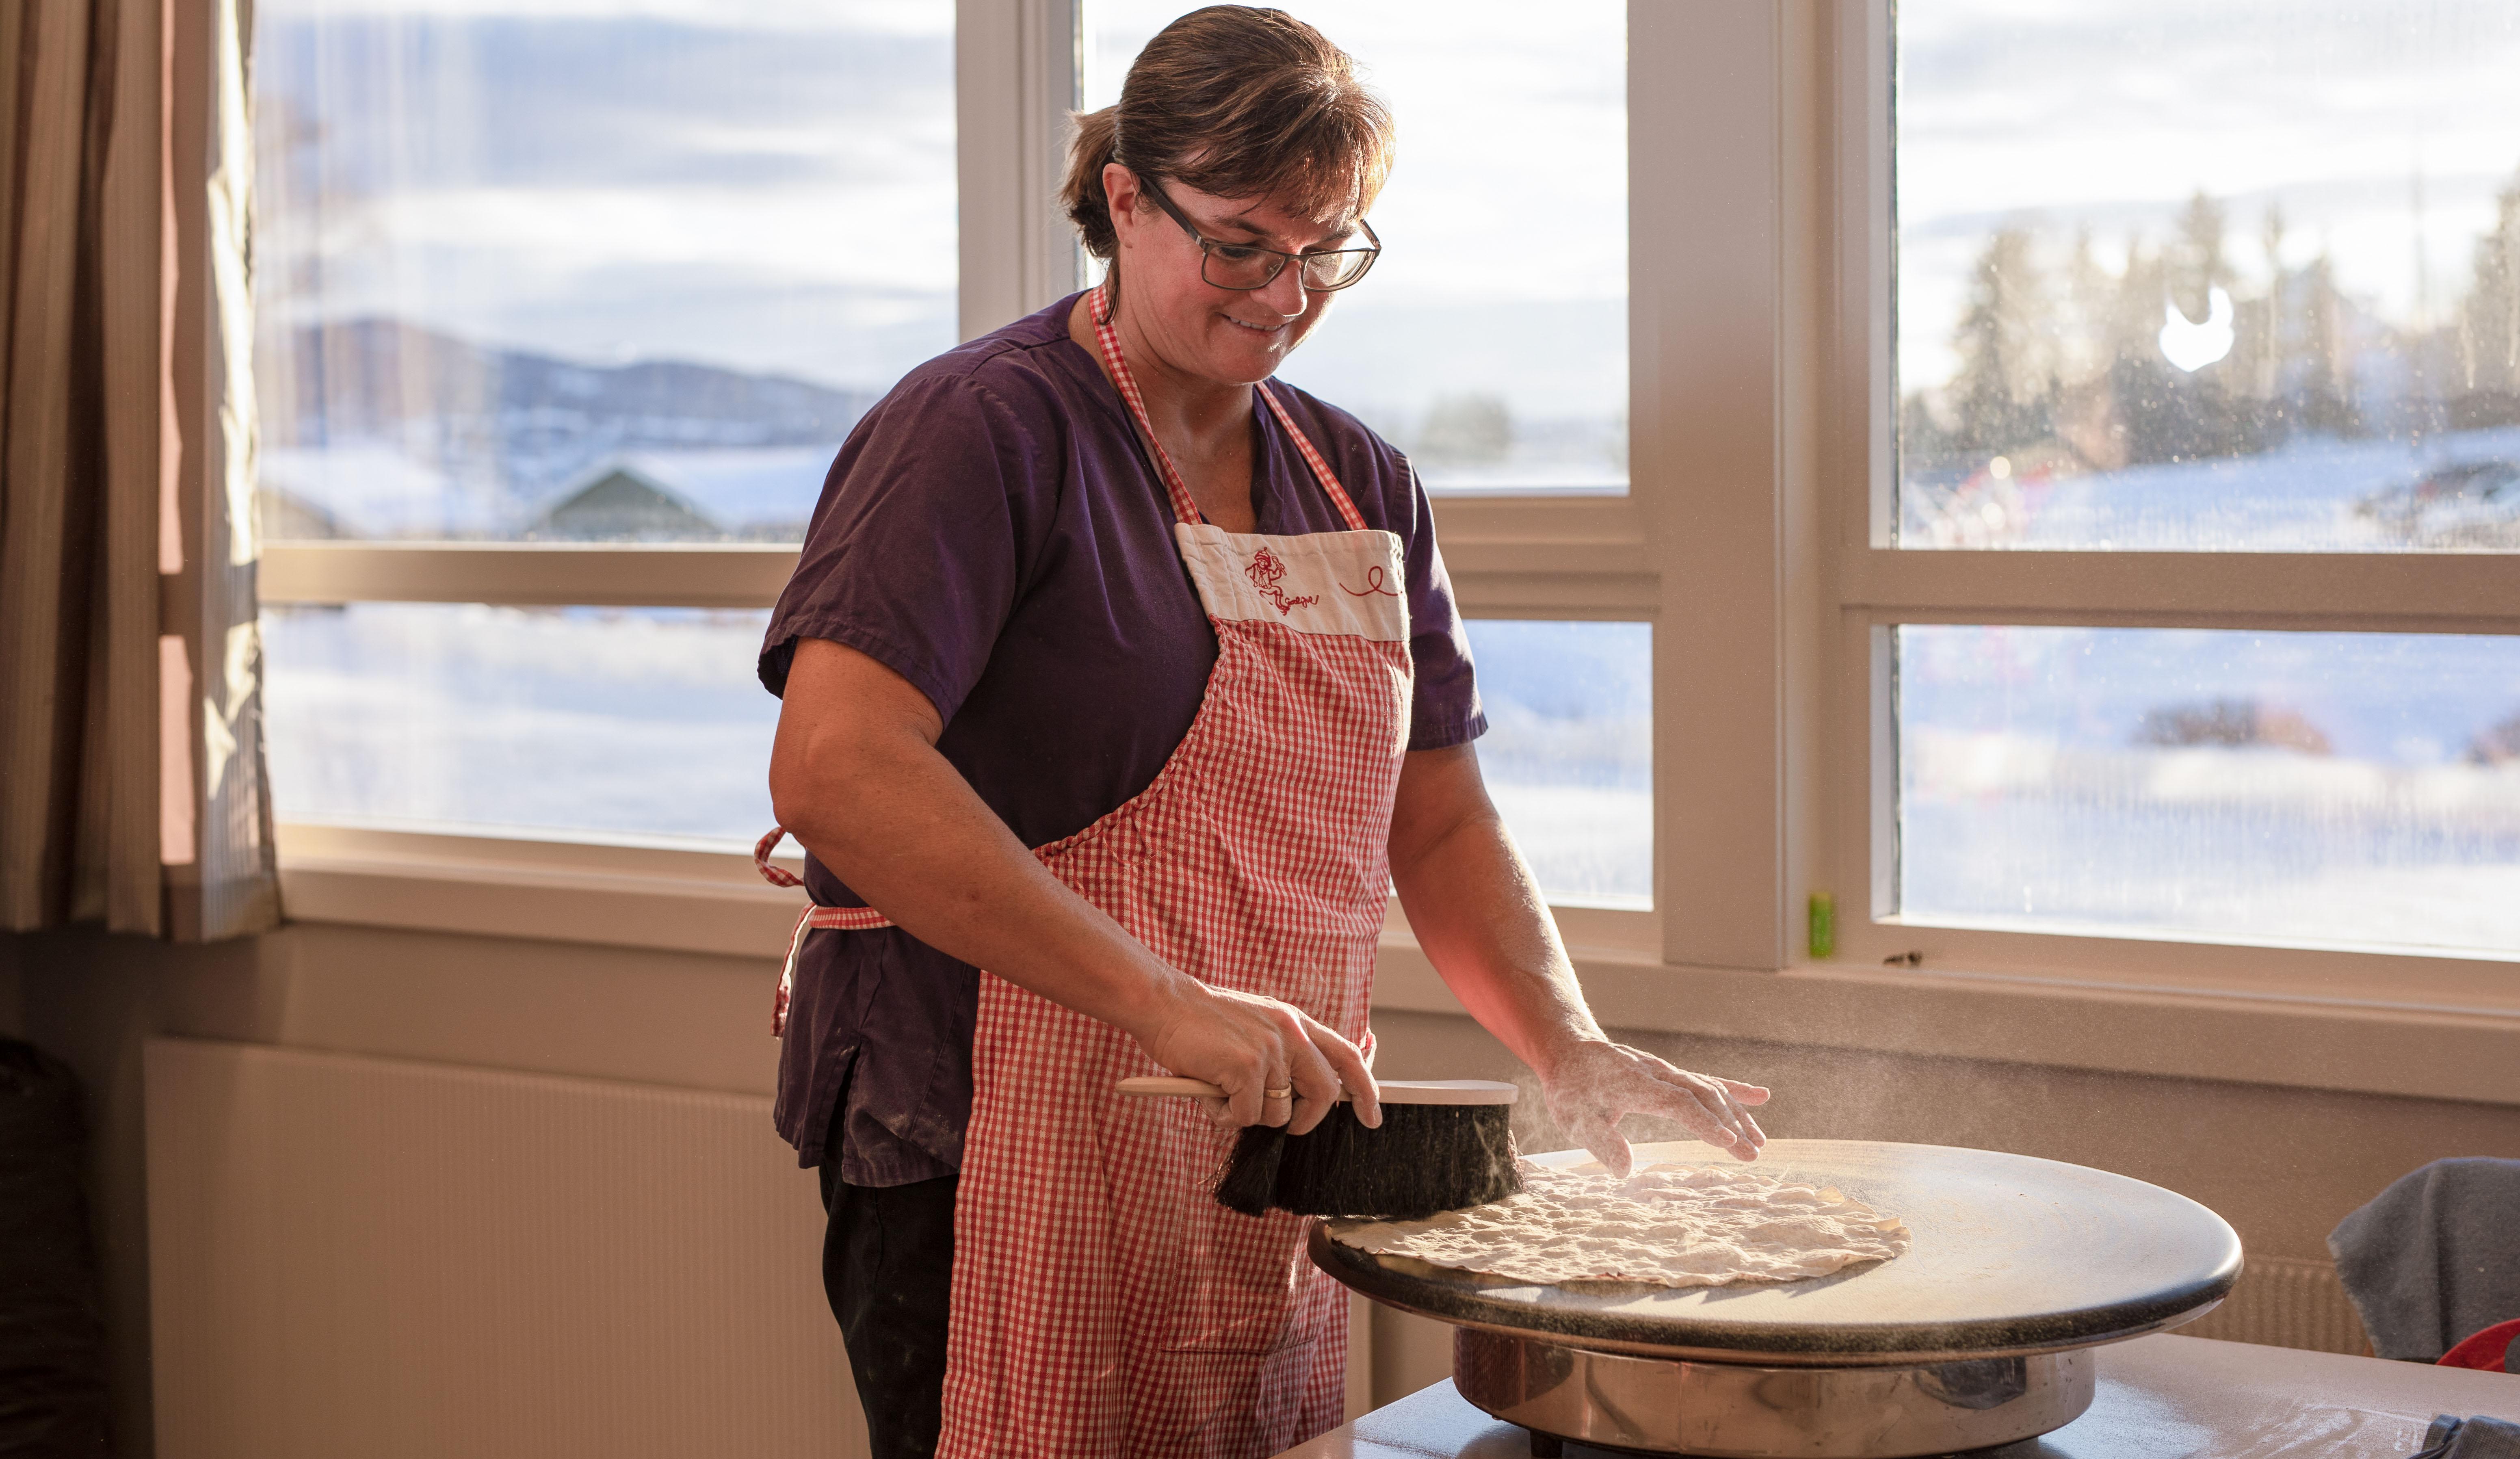 Bake På Steketakke